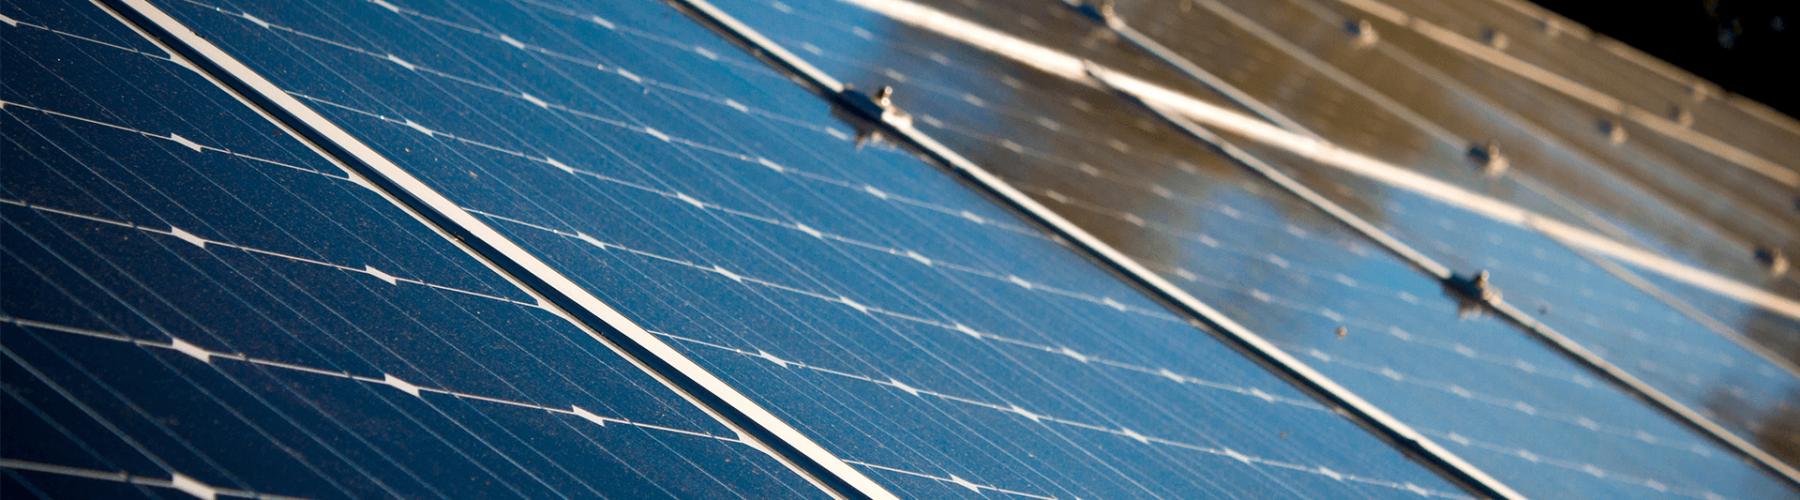 Zonnepanelen investeren kosten maximaal rendement